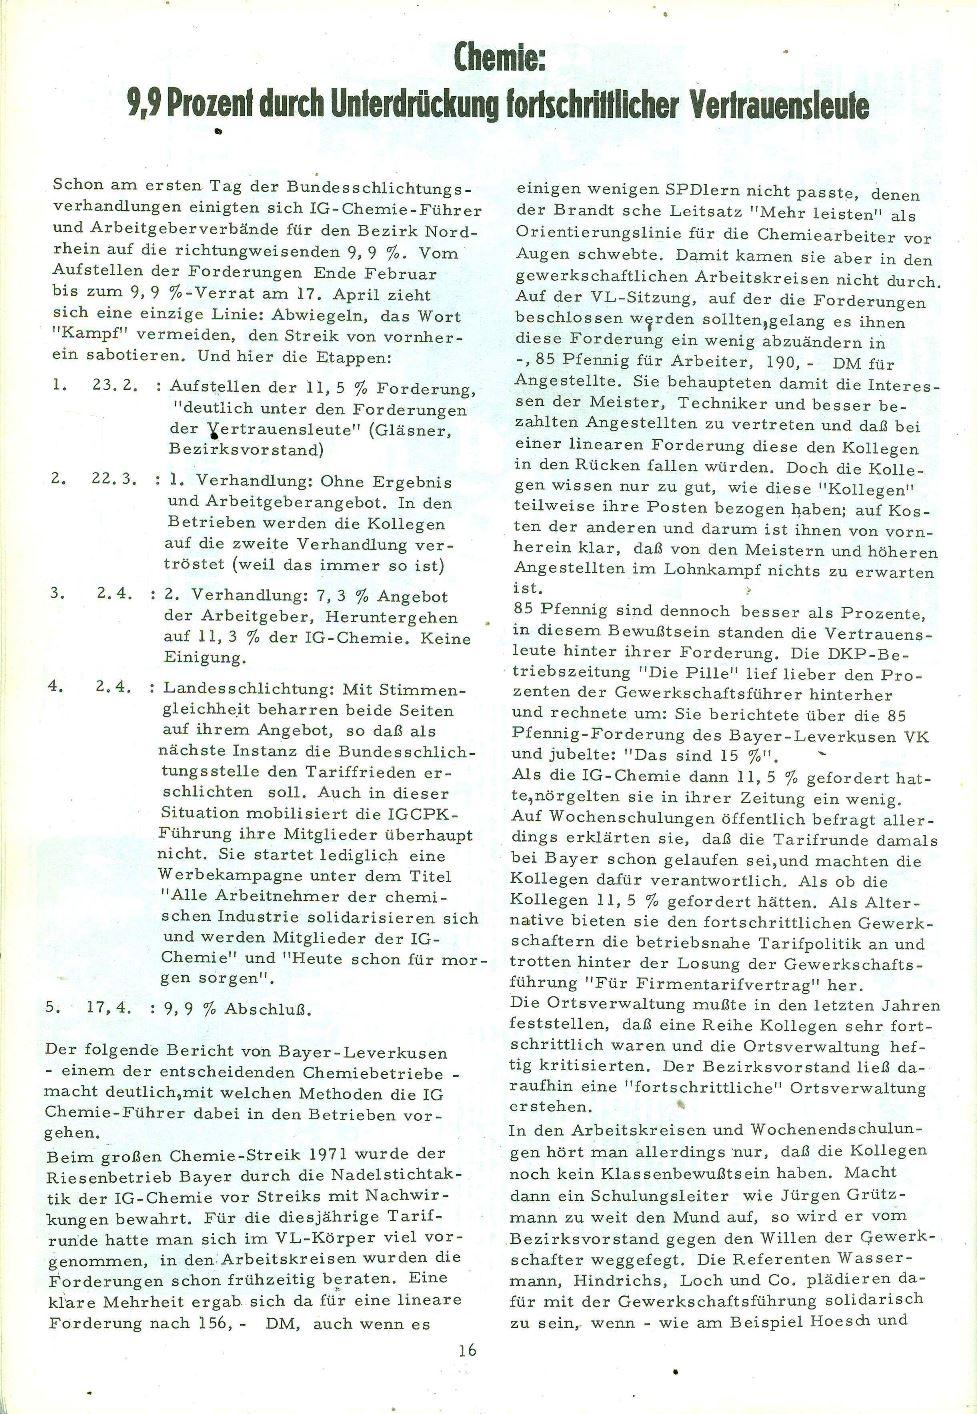 RGO_1973_03_017